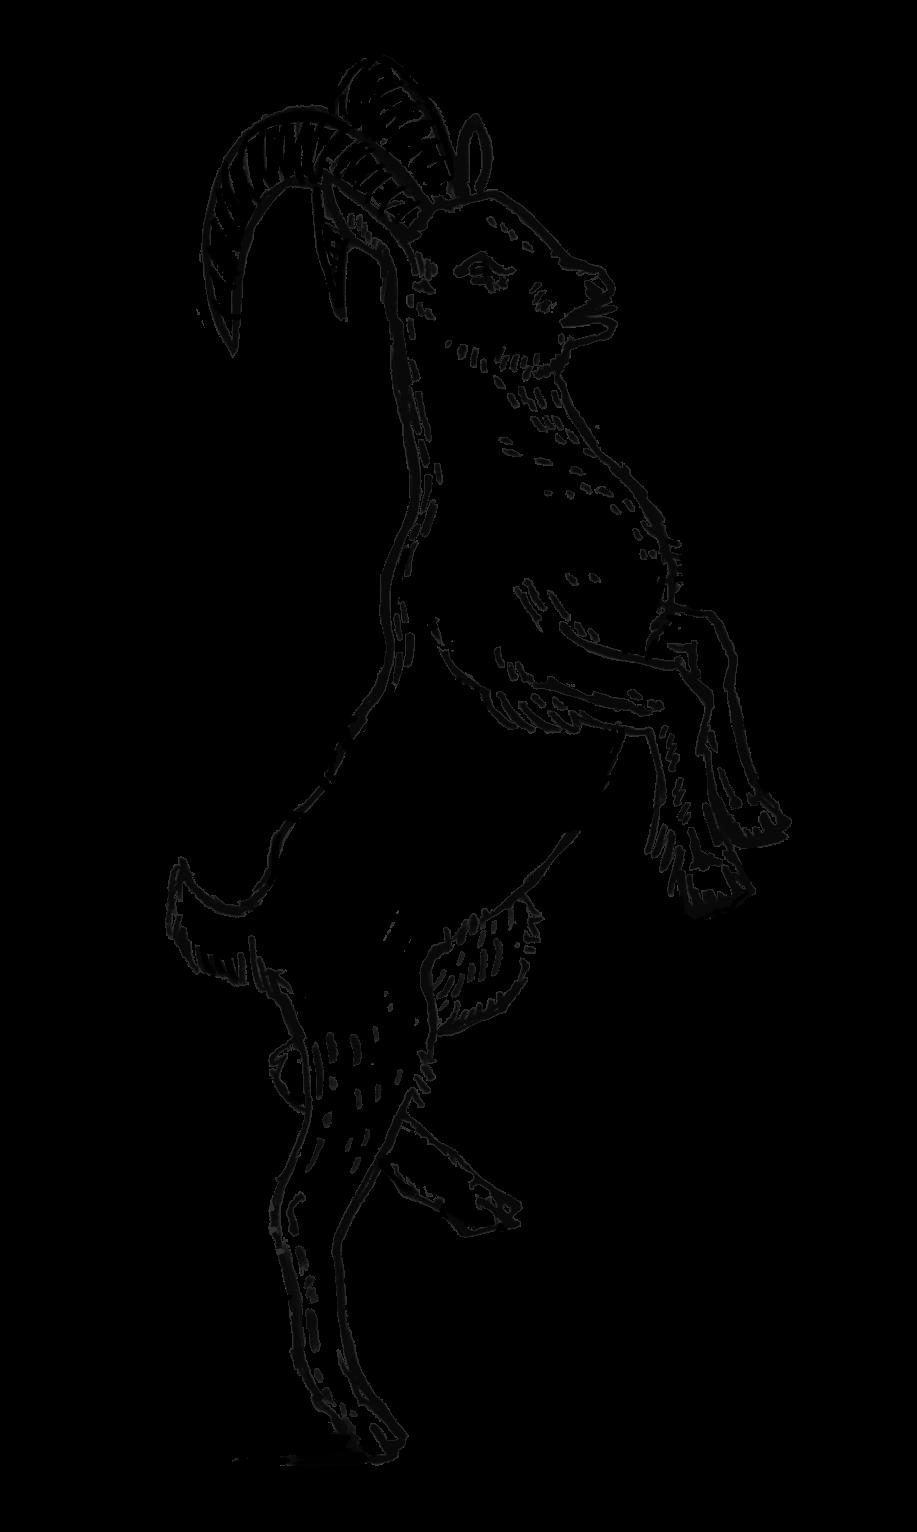 DMO_Illustrations_CincturedGoat.png